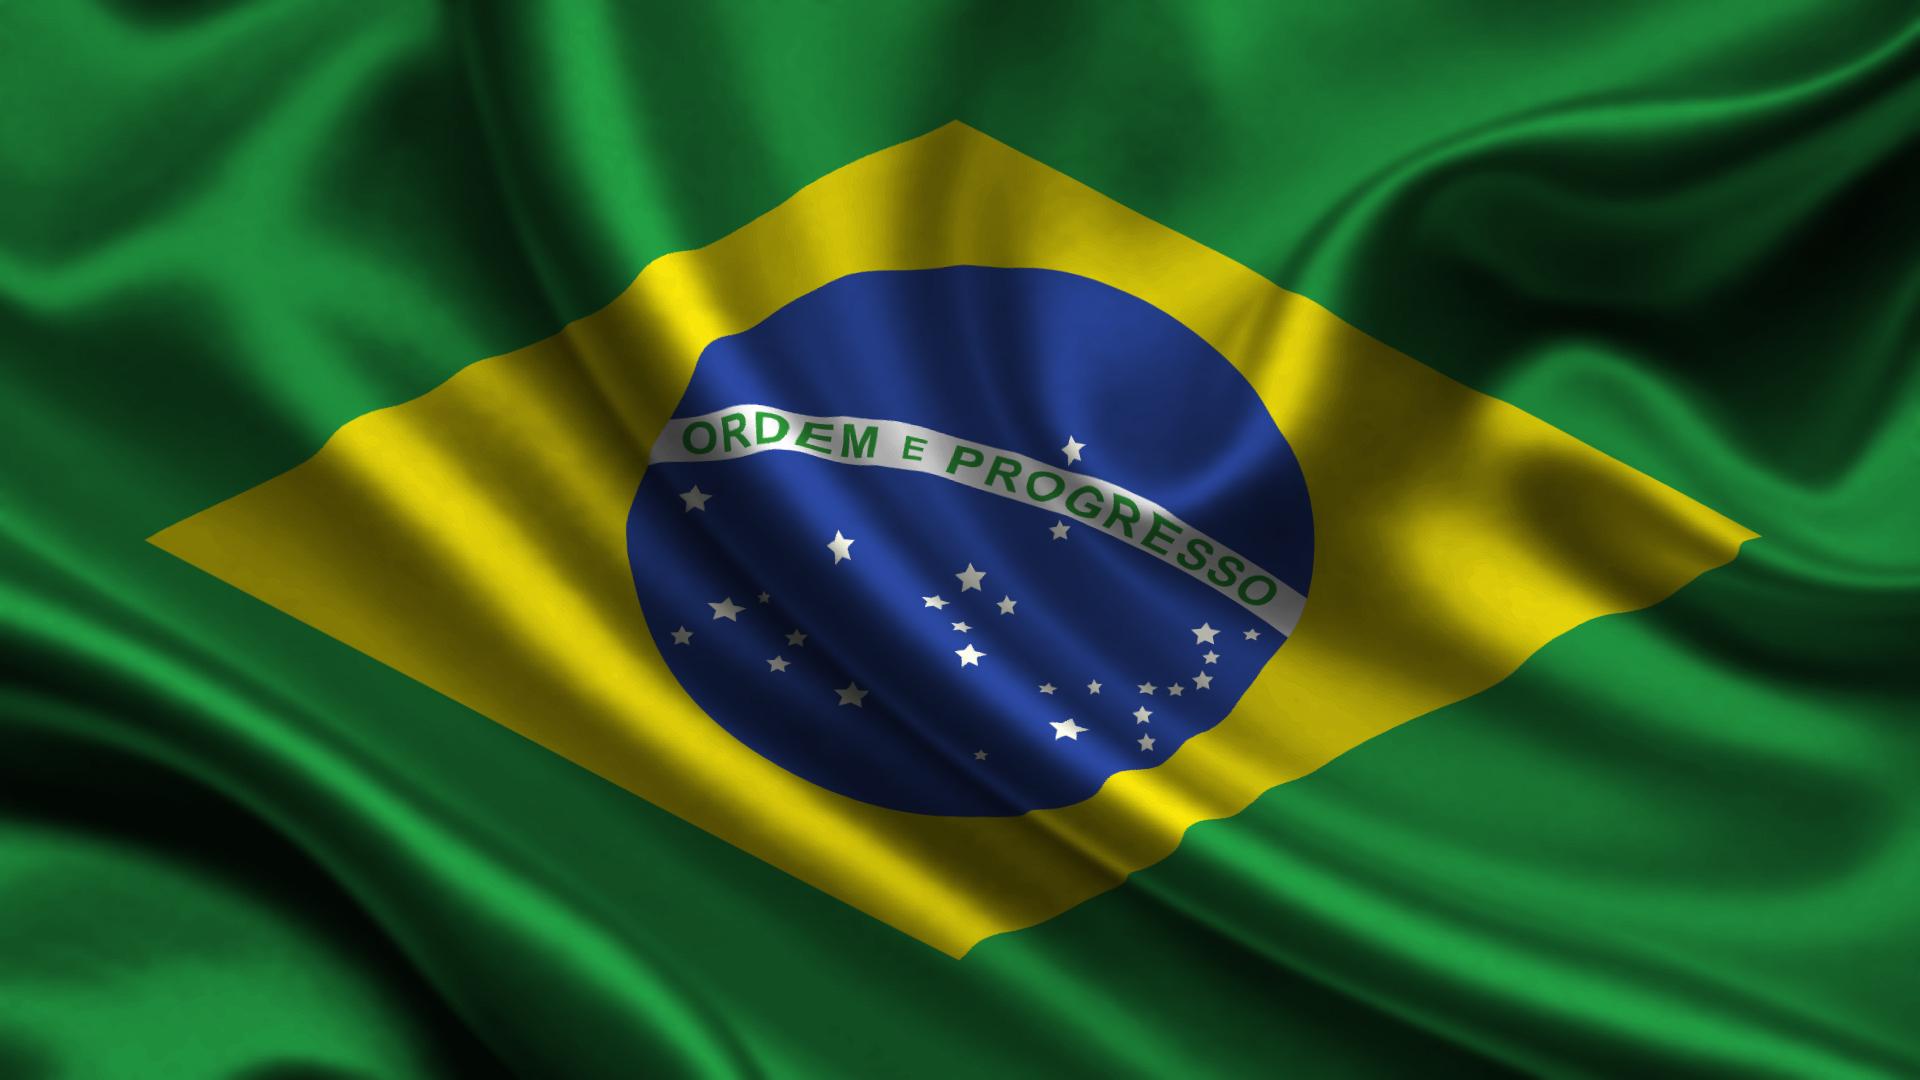 породы флаг бразилии фото обои того, это еще